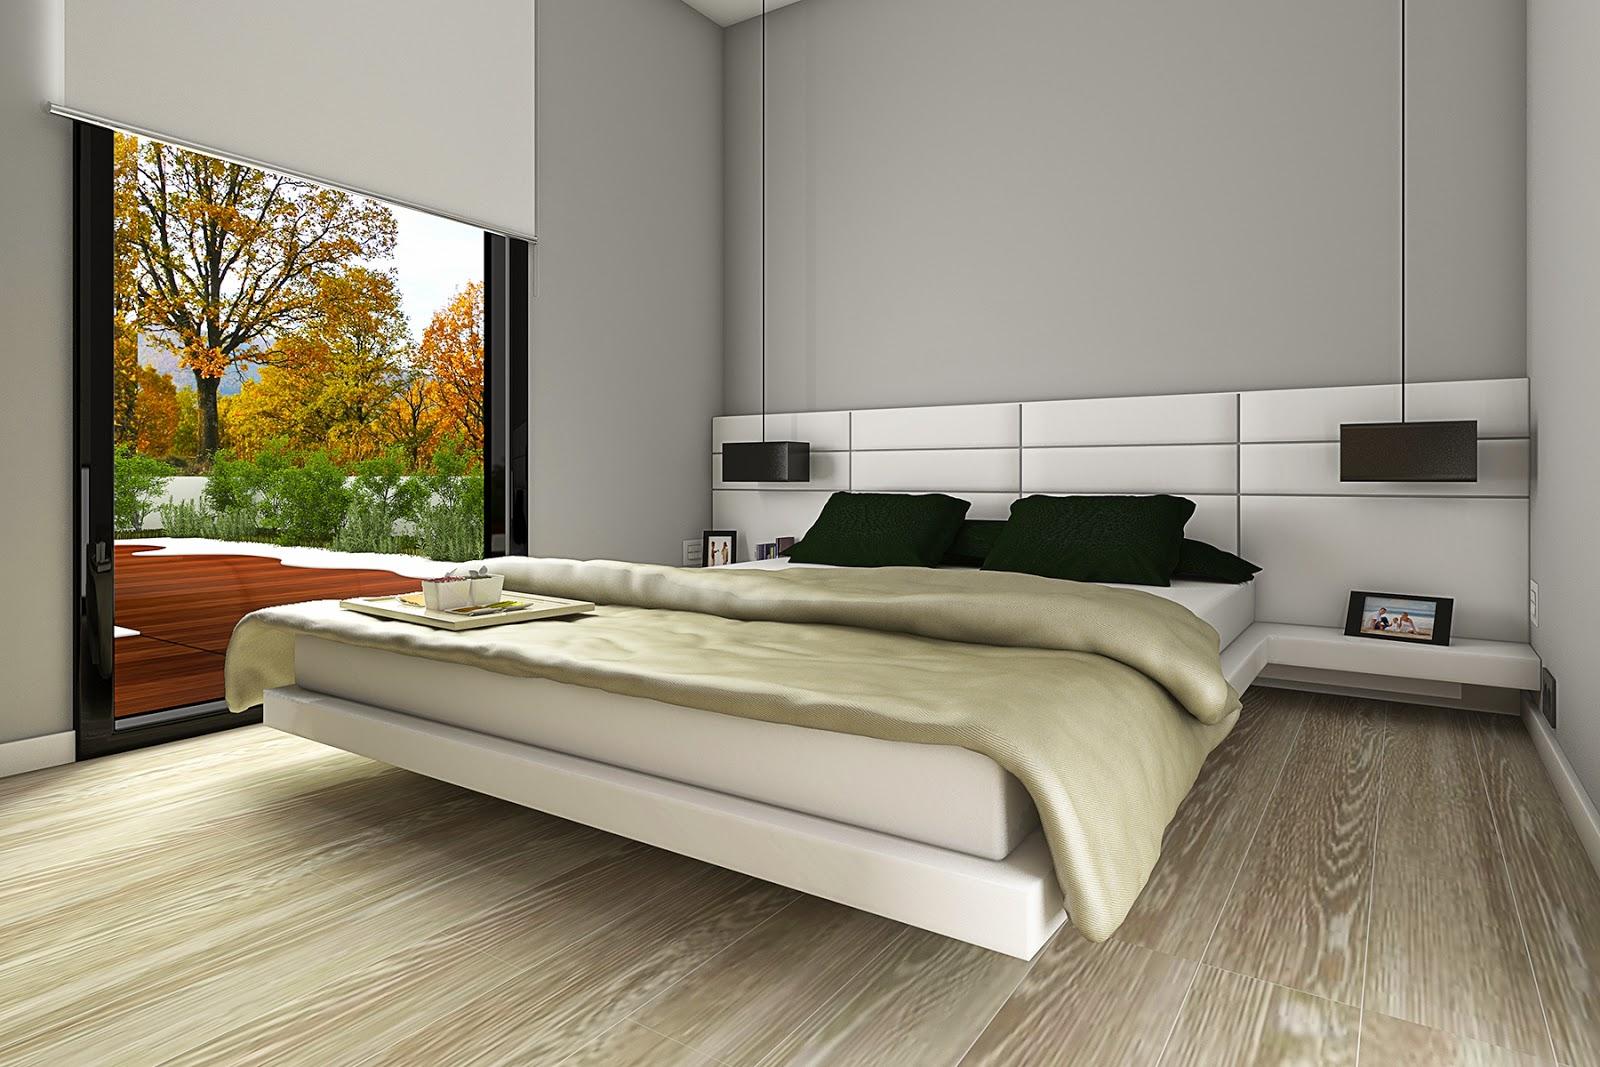 dormitorio-bungalow-modulos-jardin-resan